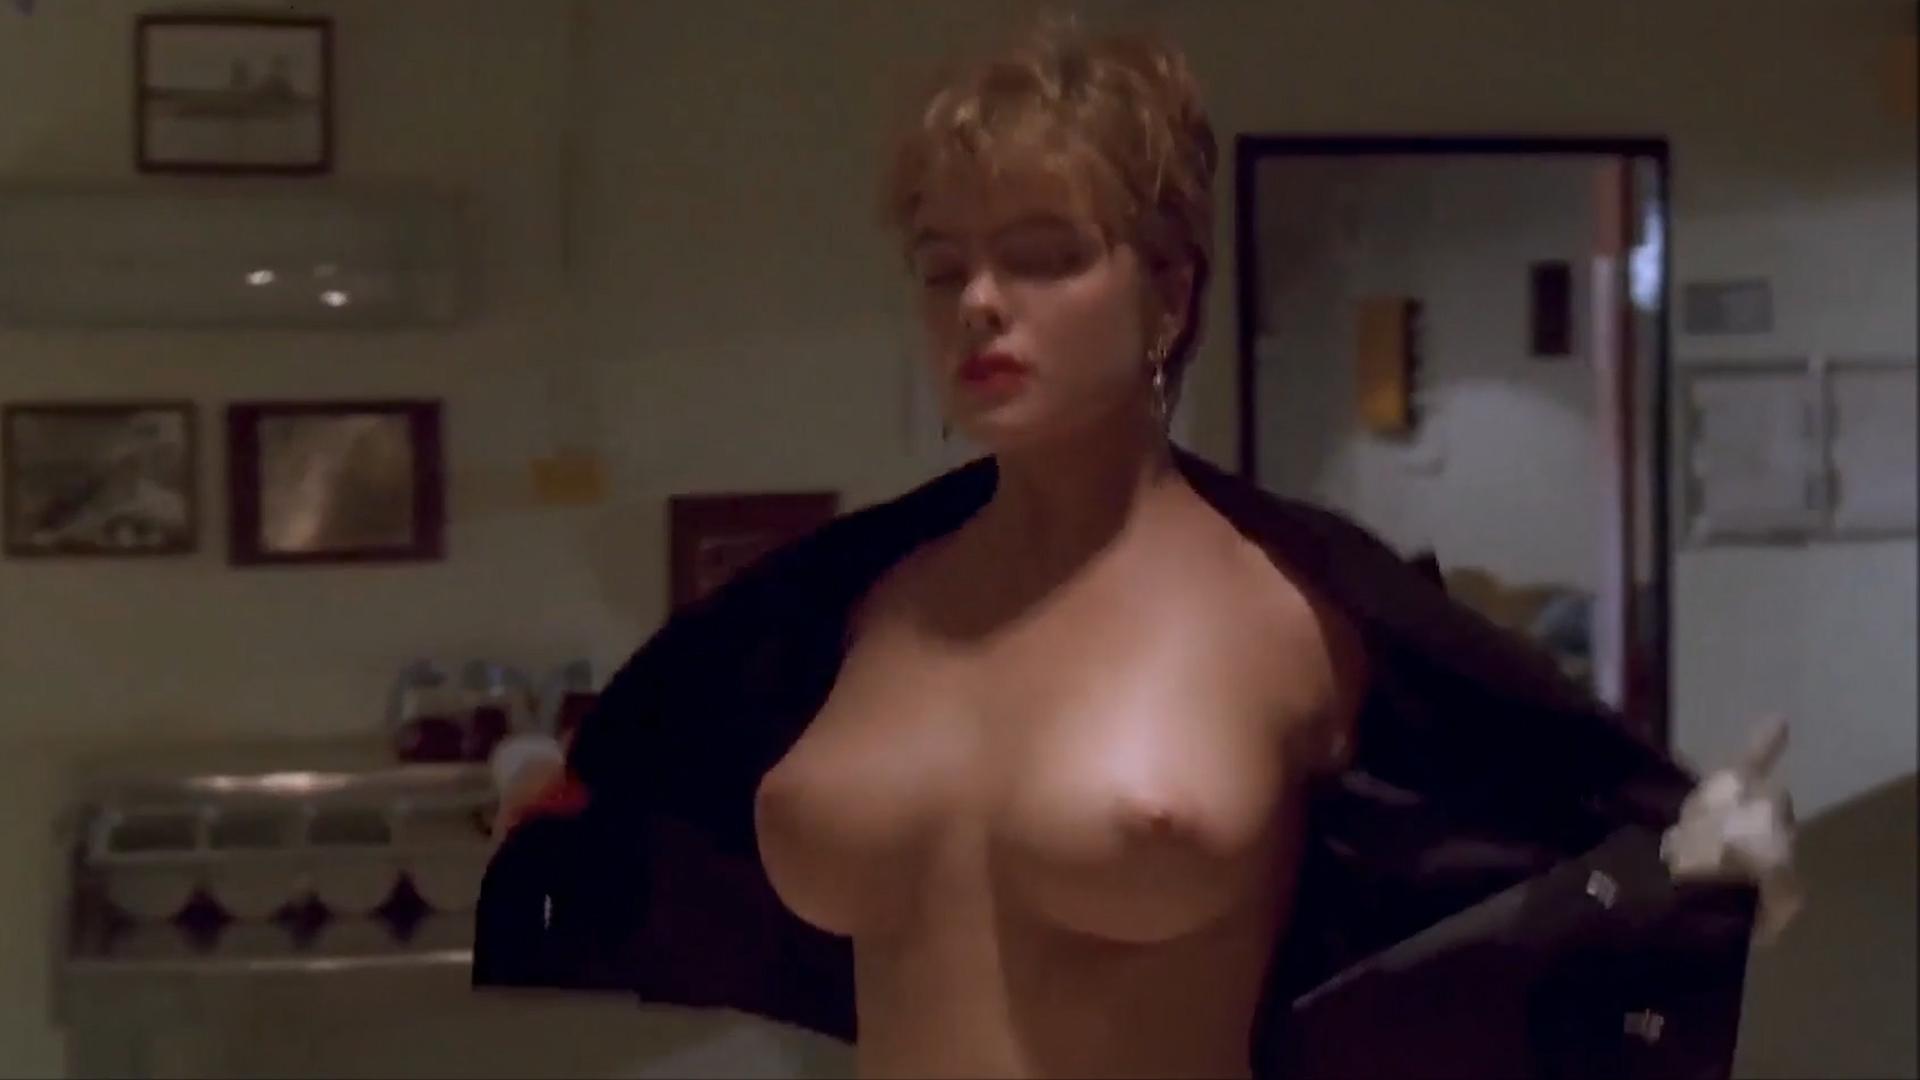 Erika eleniak sex scene